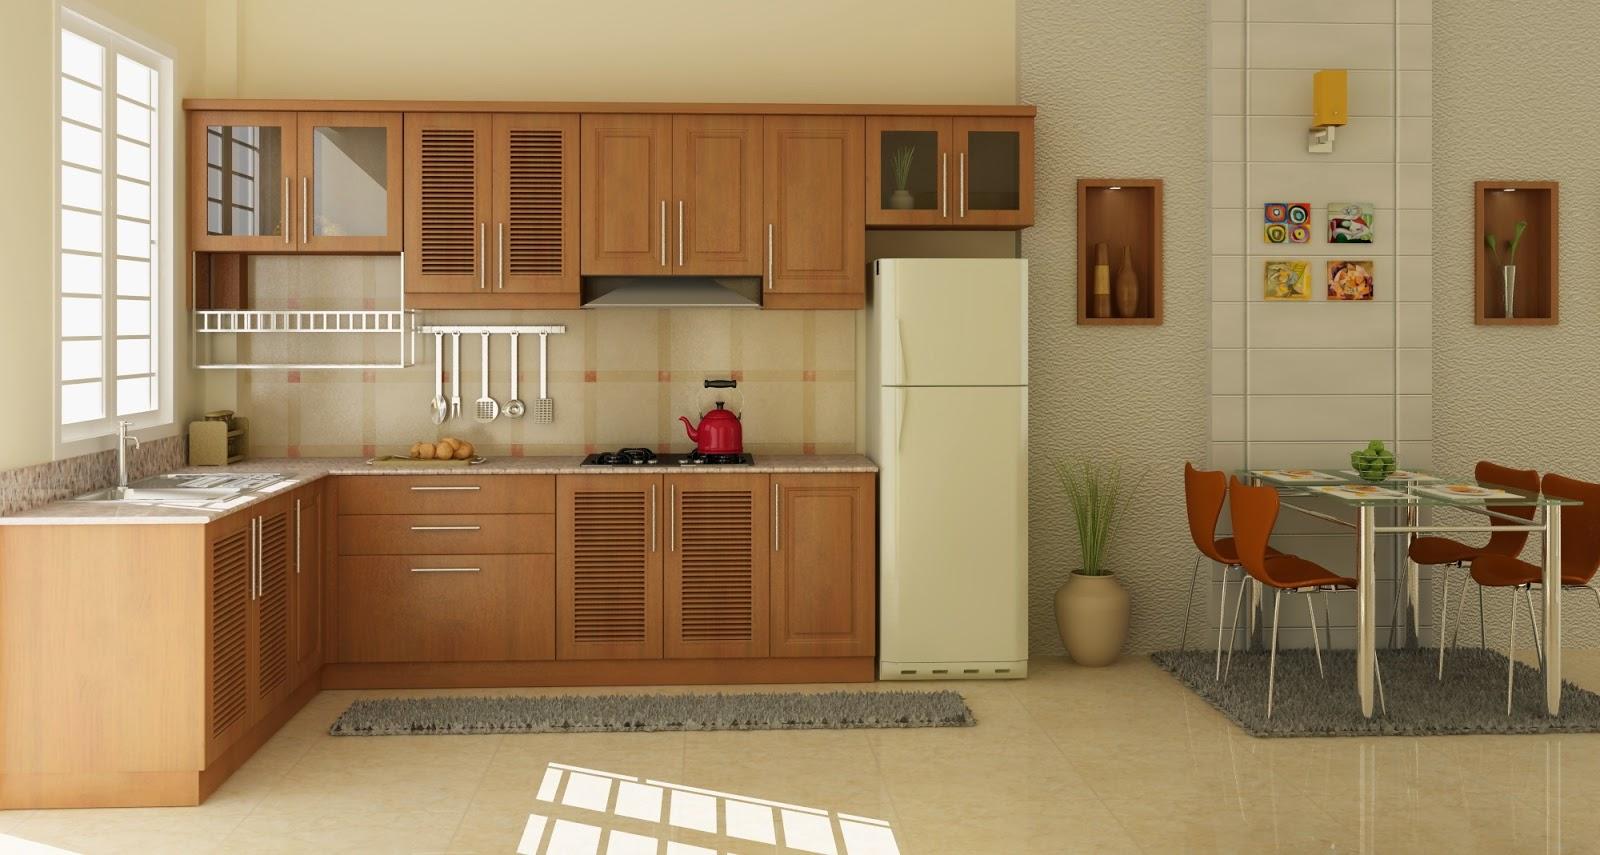 Hướng bếp chính là hướng lưng của người nấu bếp trong quá trình nấu nướng